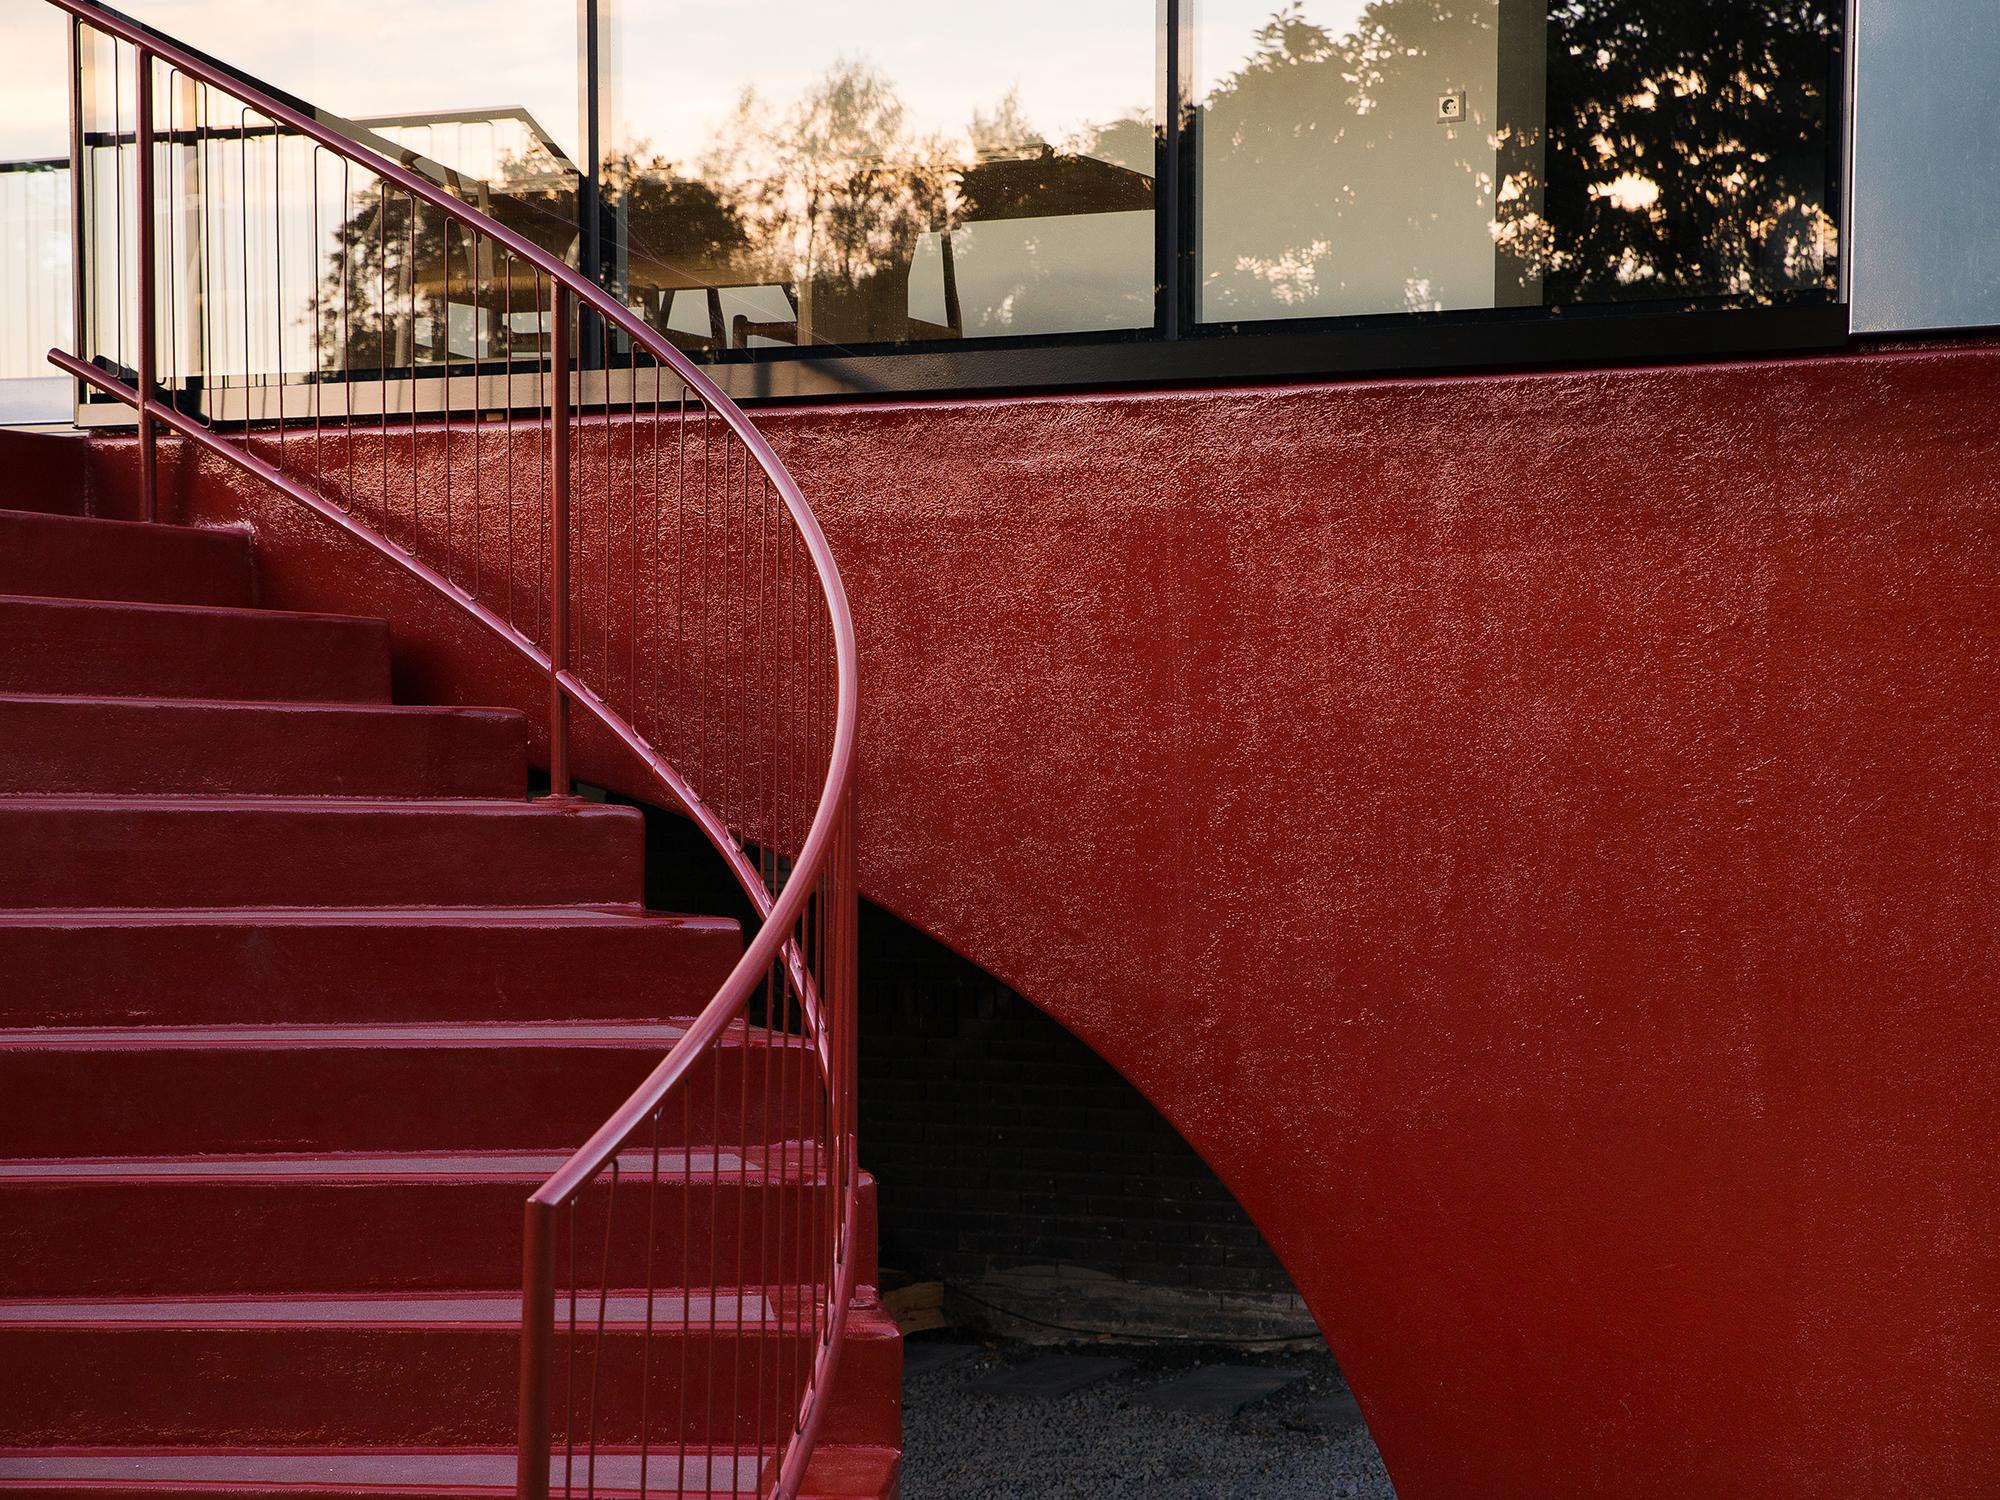 001_Image_Zoom stair.jpg